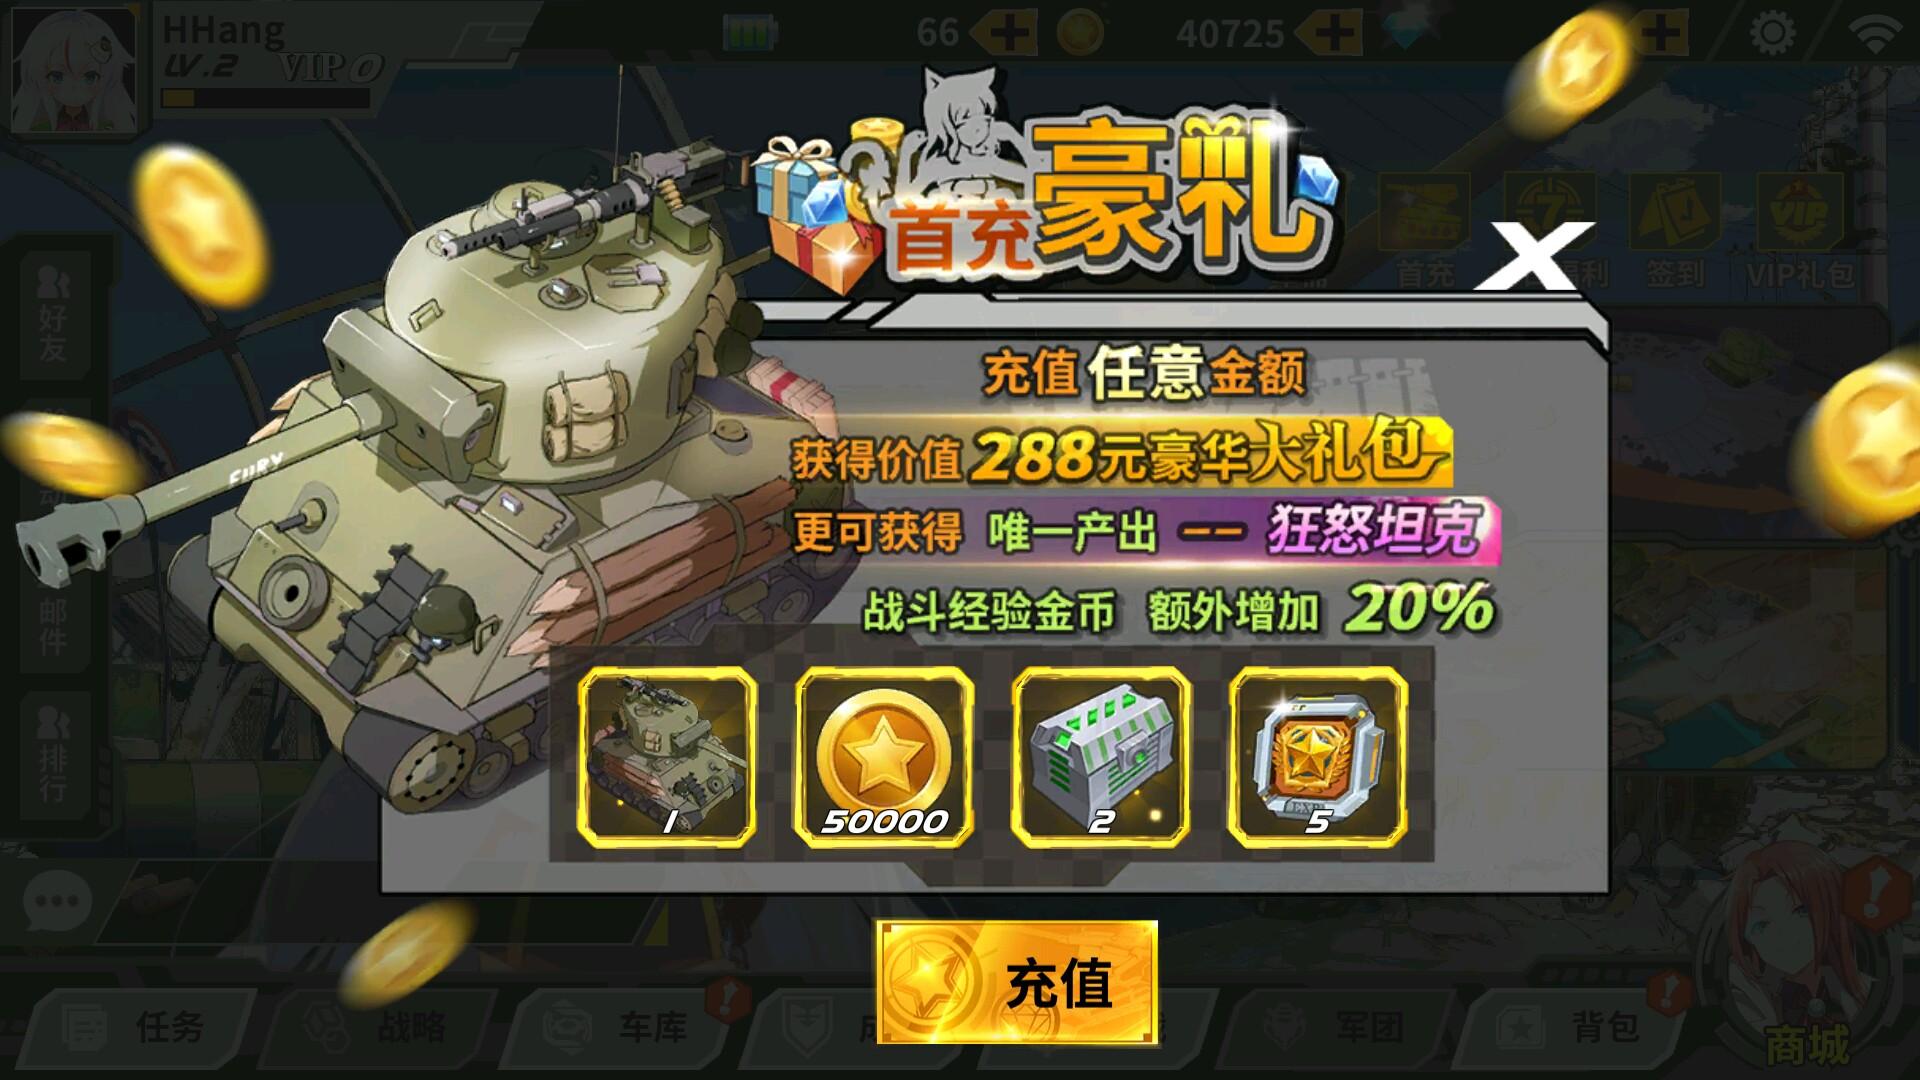 《装甲联盟》游戏截图UI欣赏48